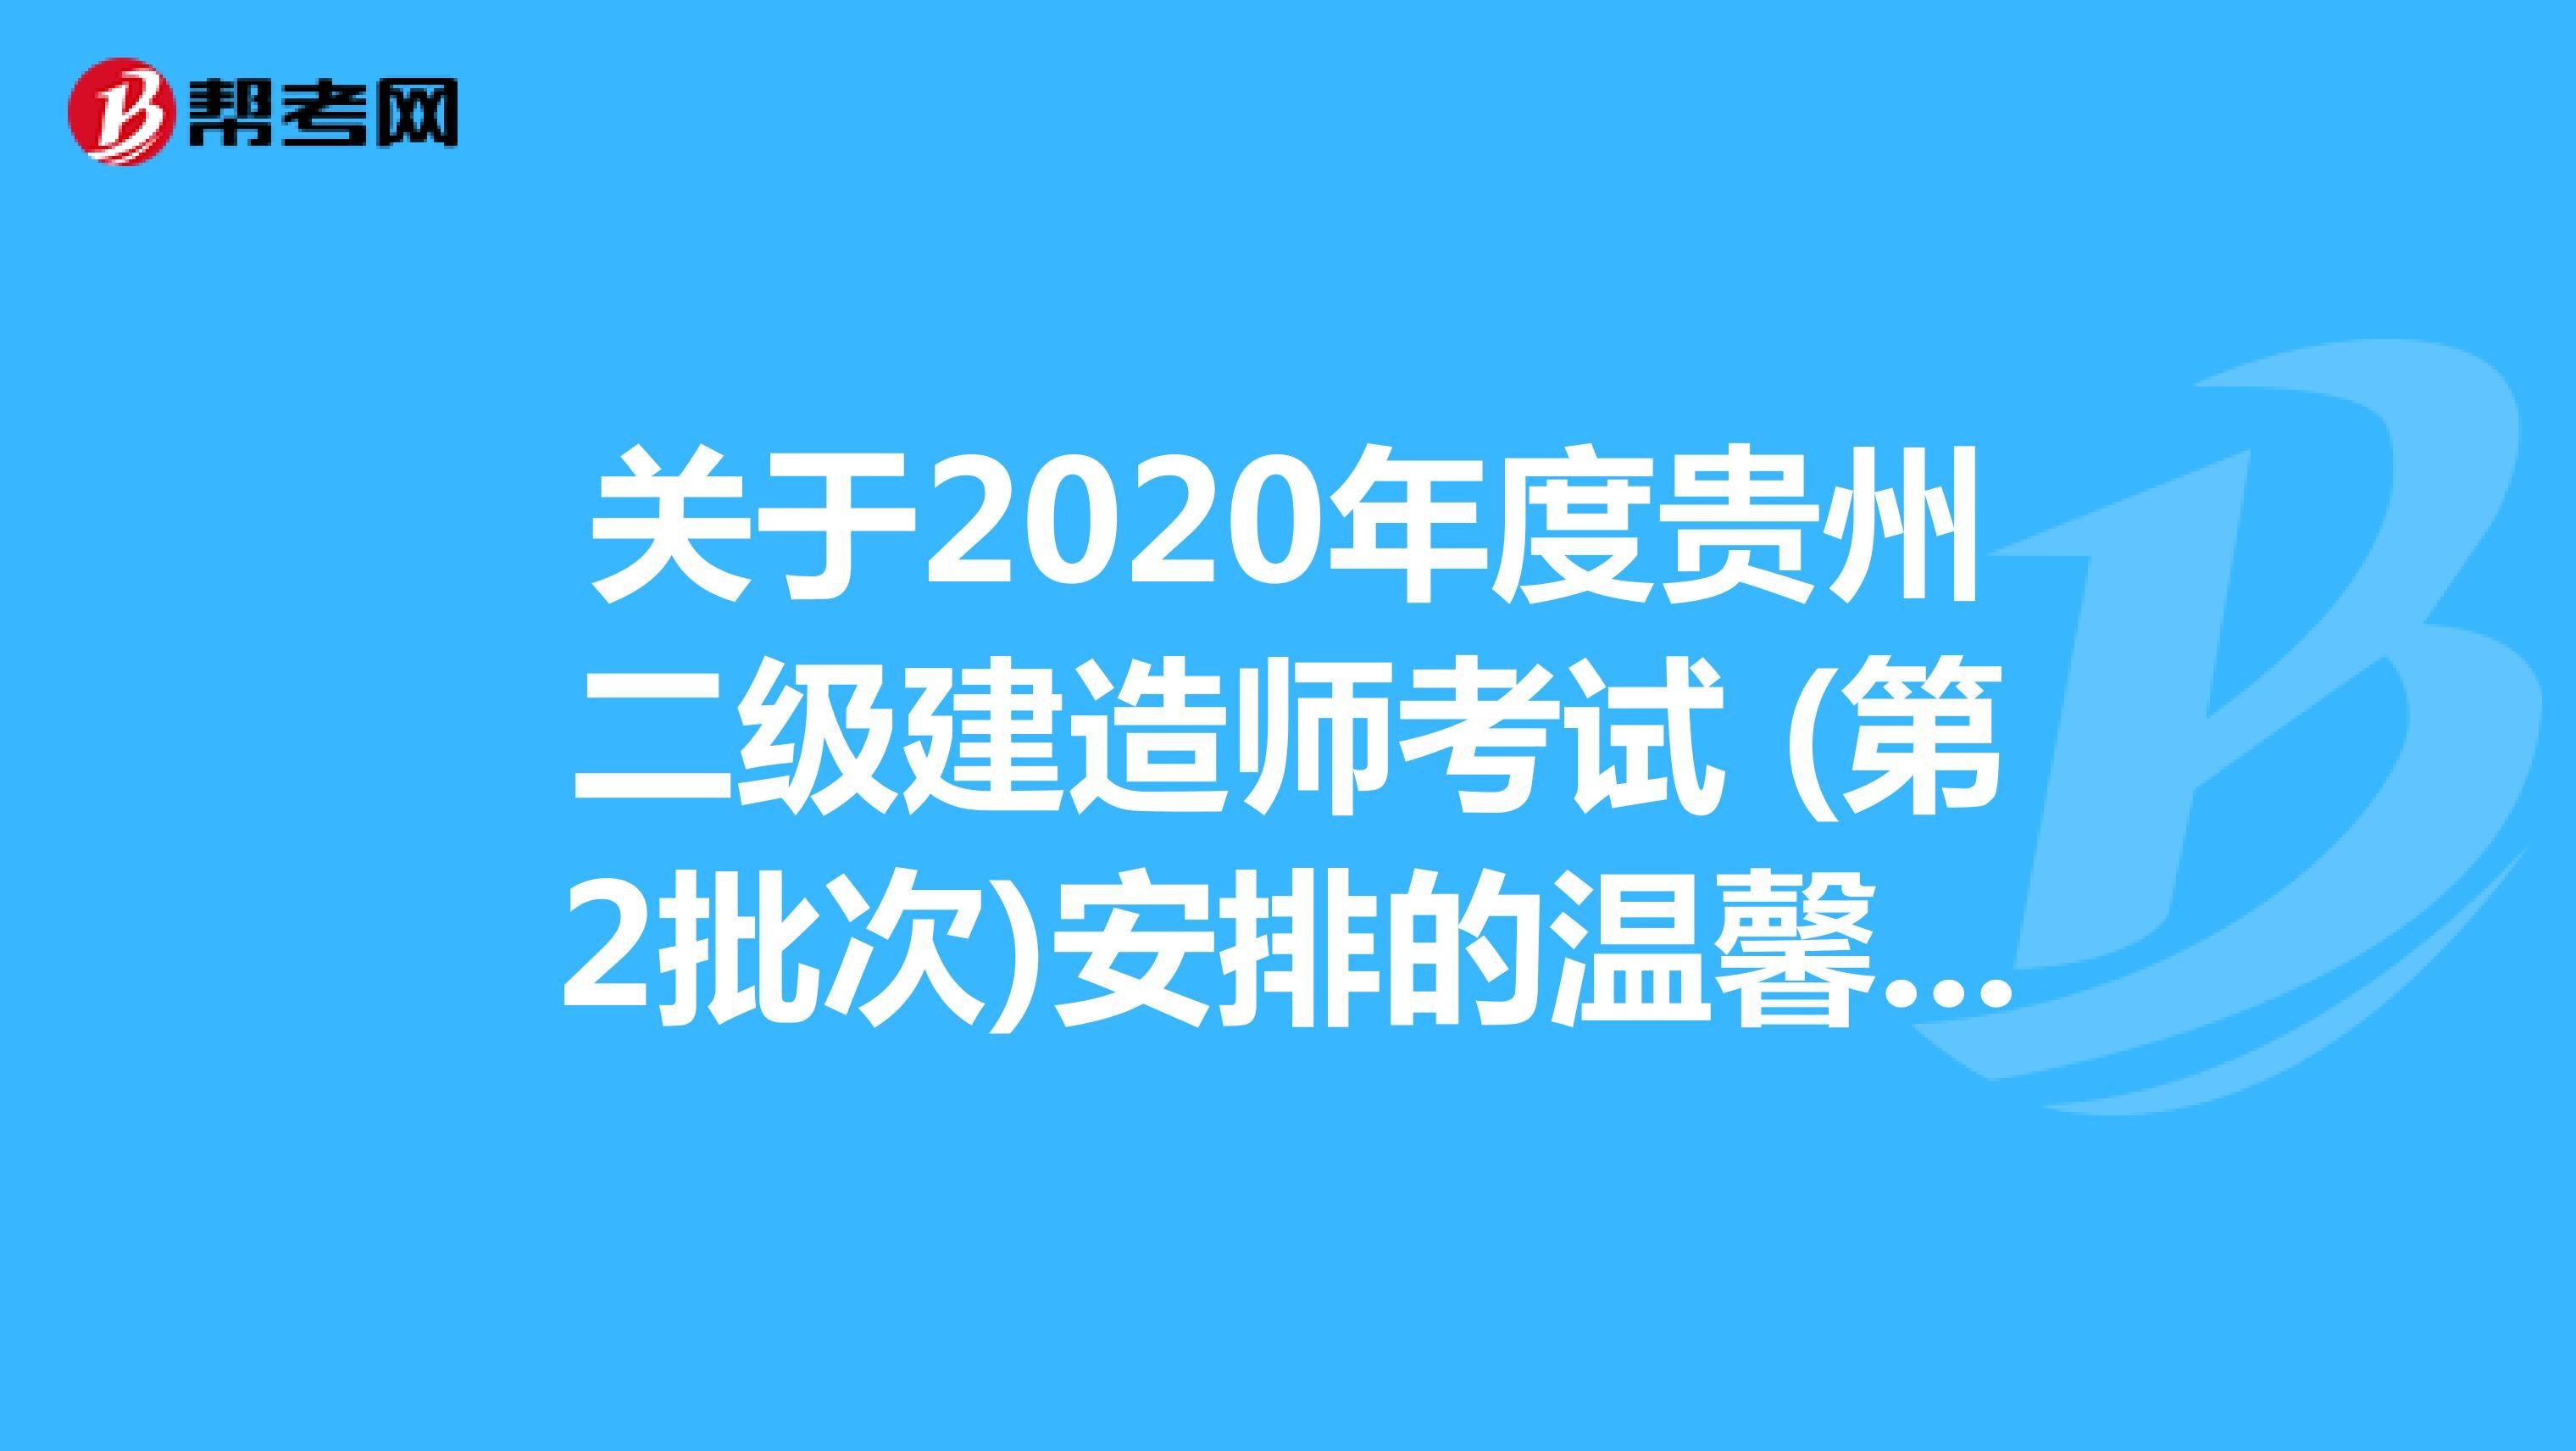 關于2020年度貴州二級建造師考試 (第2批次)安排的溫馨提示